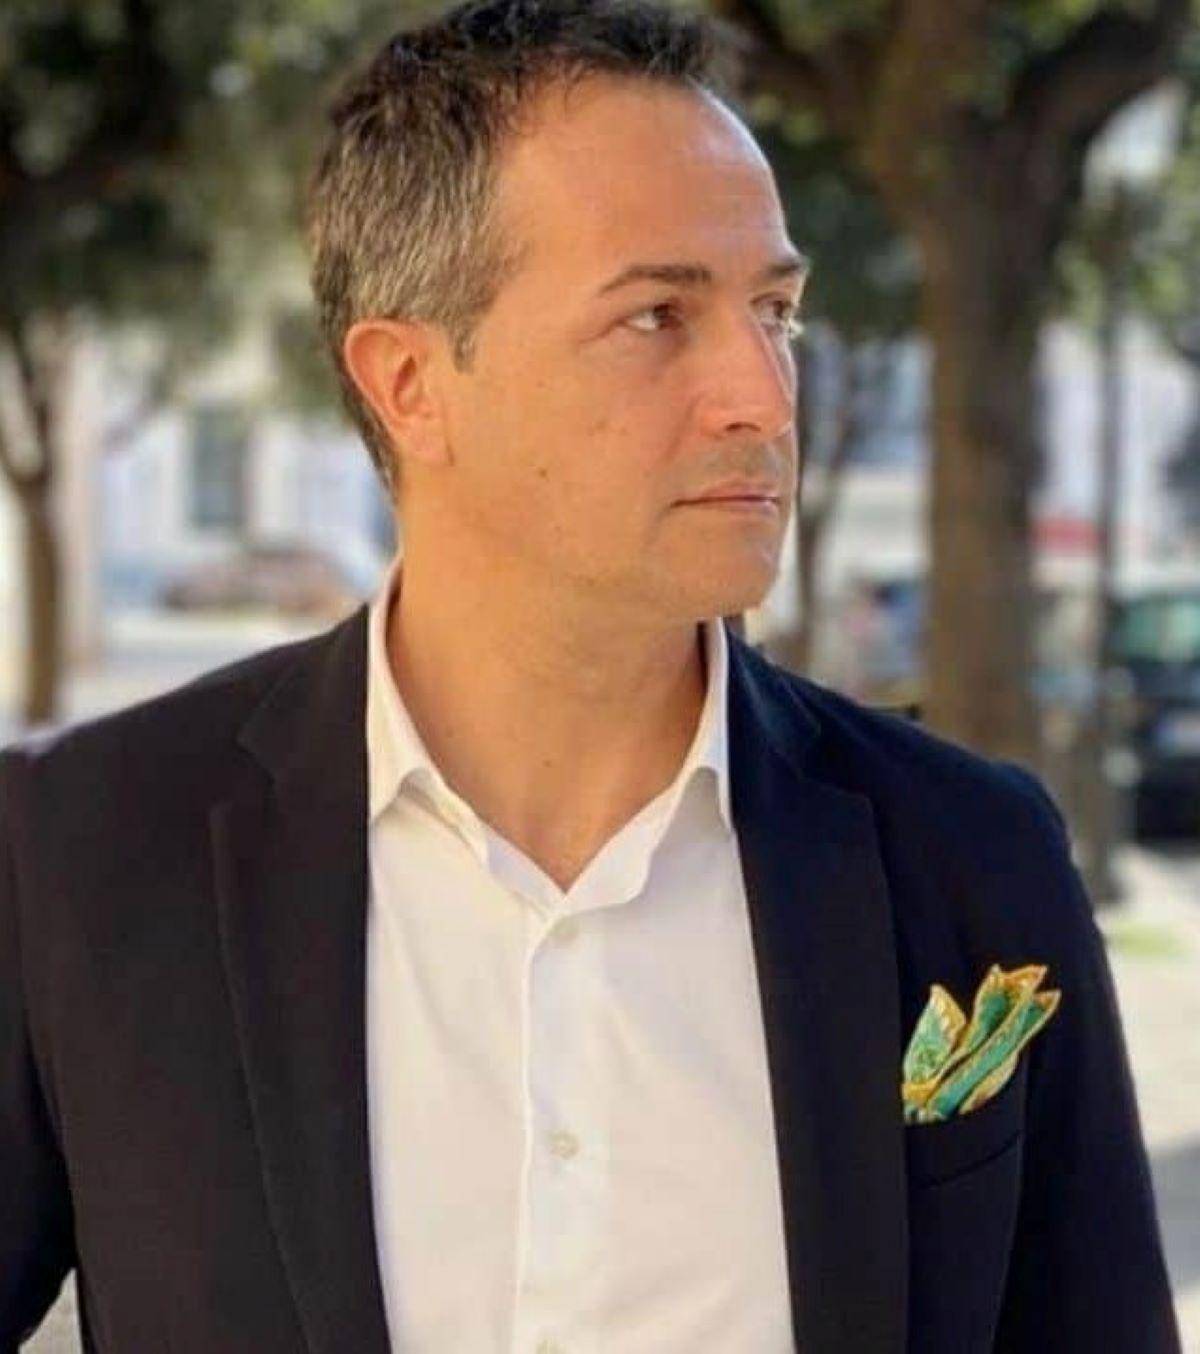 Riccardo Guarnieri Foto Fisico Scolpito Critiche Magro